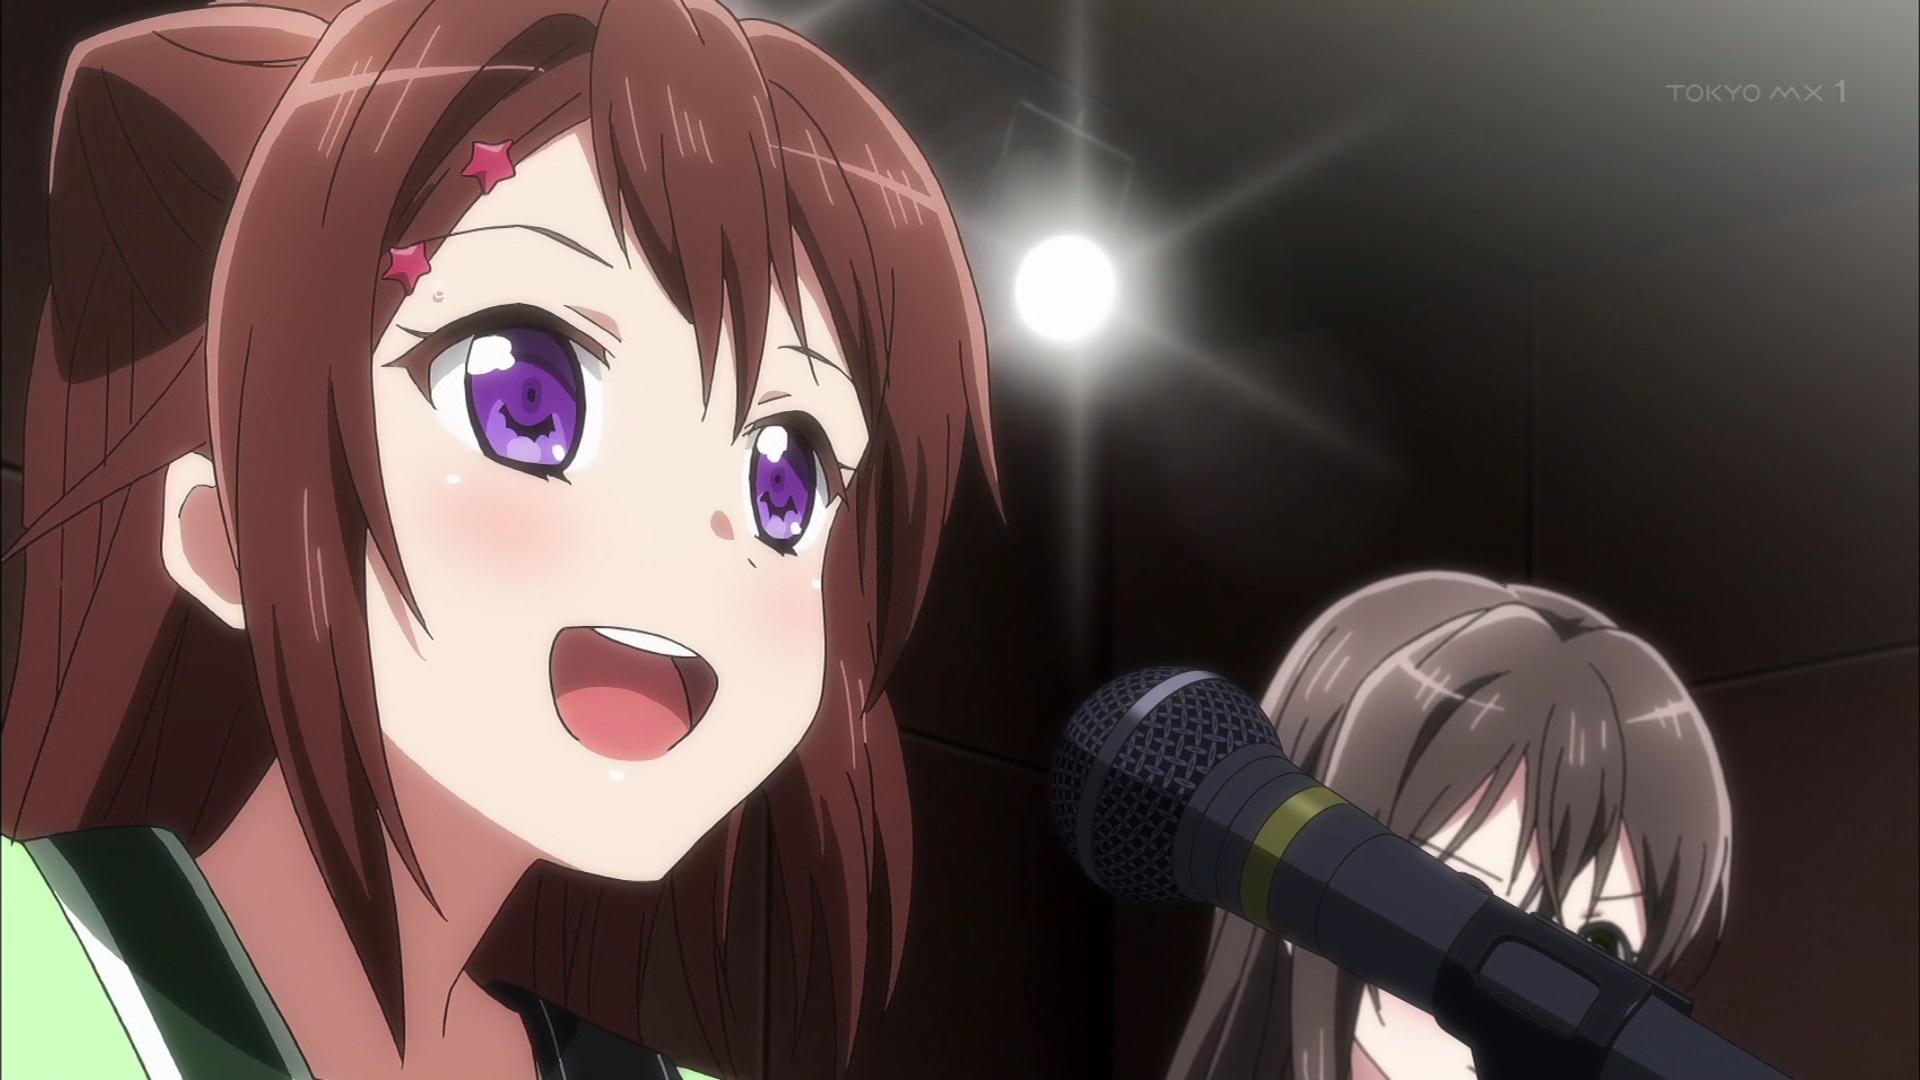 『BanG Dream!(バンドリ!)』第9話感想・・・前回の引きとほぼ一緒じゃねーかwww ライブは止め絵ばっかりだしもっとがんばってくれええええ